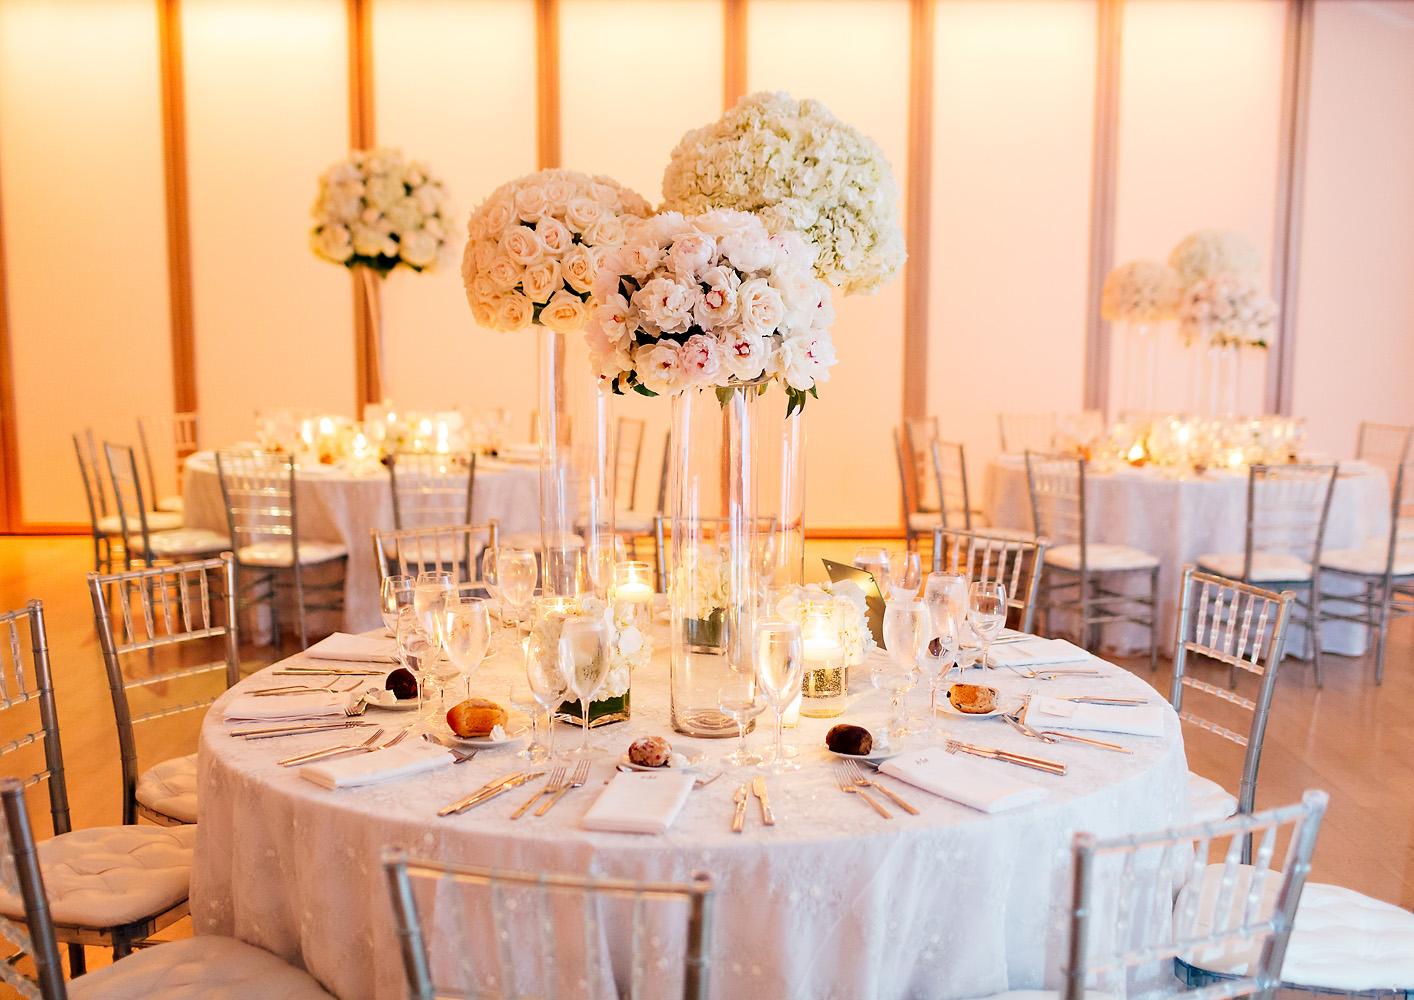 f4f87d1c2 Alebo zozbierajte momentky od vašich svadobných hostí, napríklad  prostredníctvom skupinovej udalosti na Facebooku.